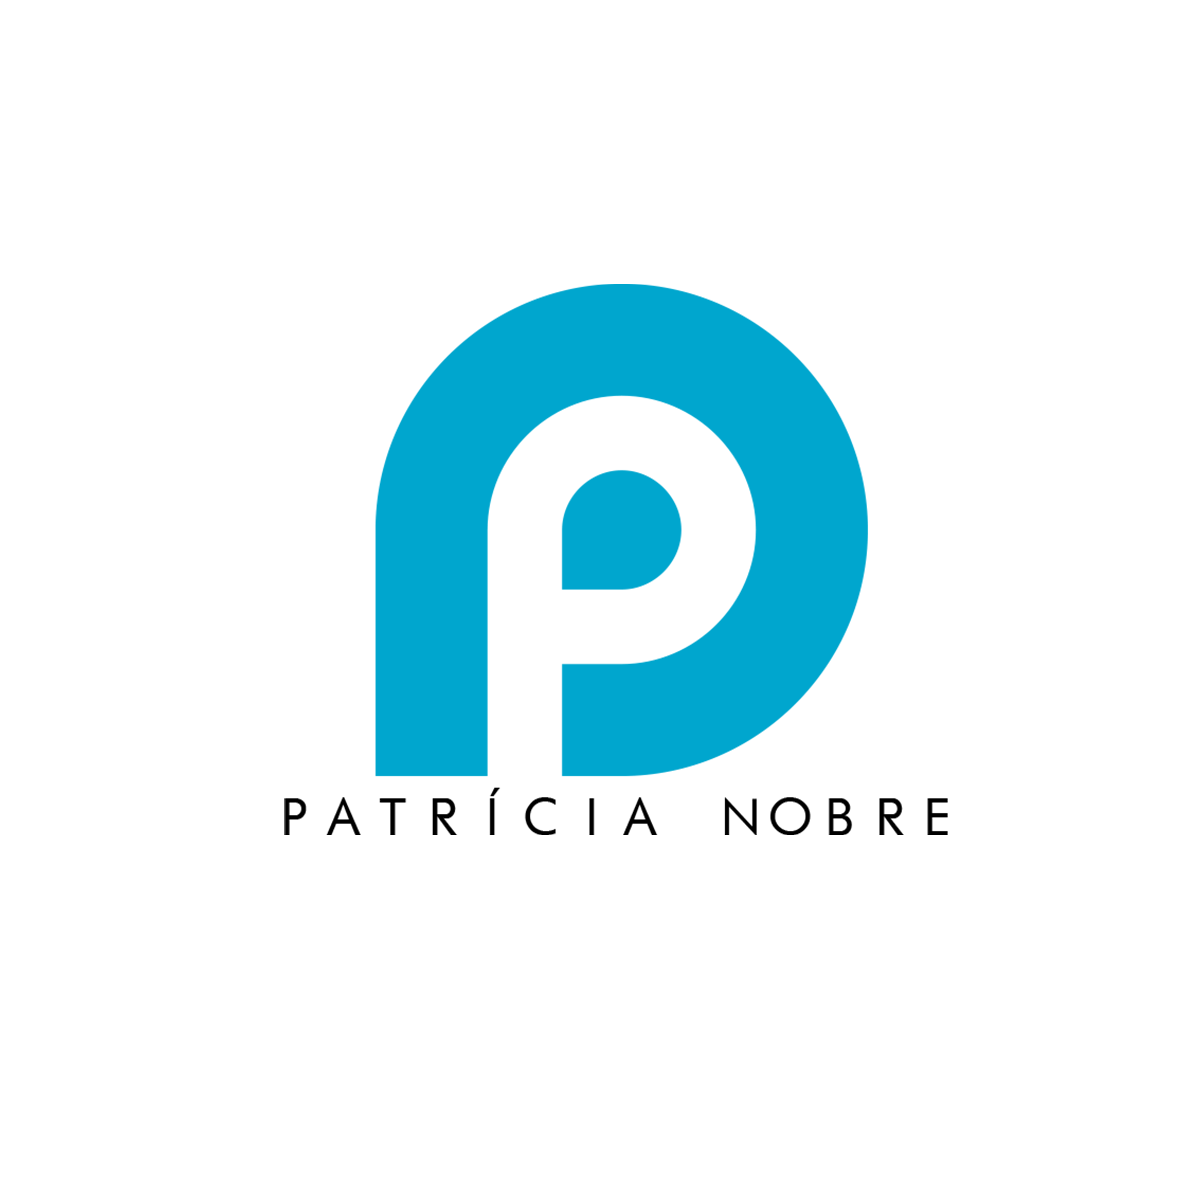 p nobre